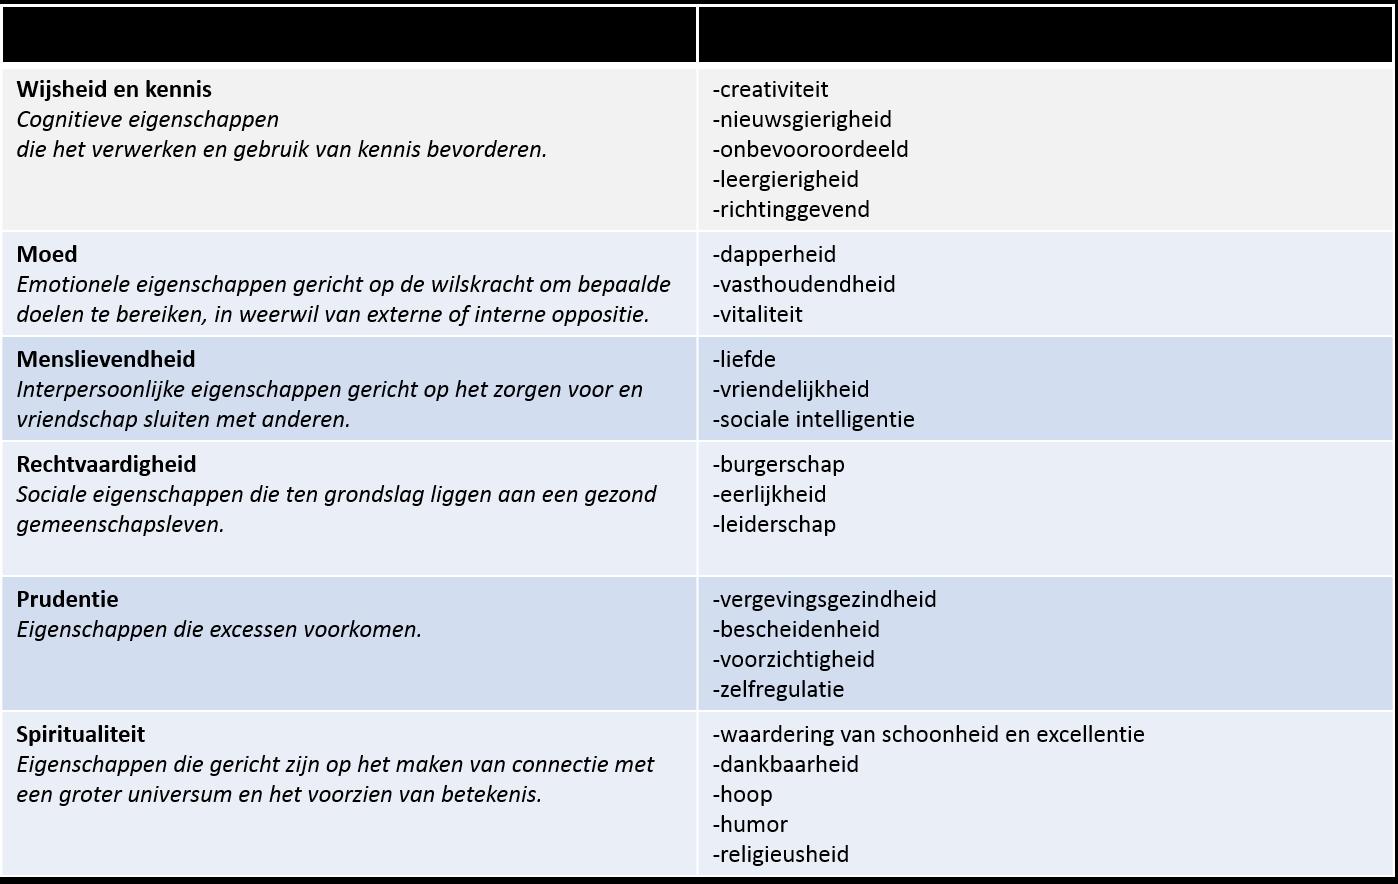 De 6 deugden uit de sterke punten methodiek